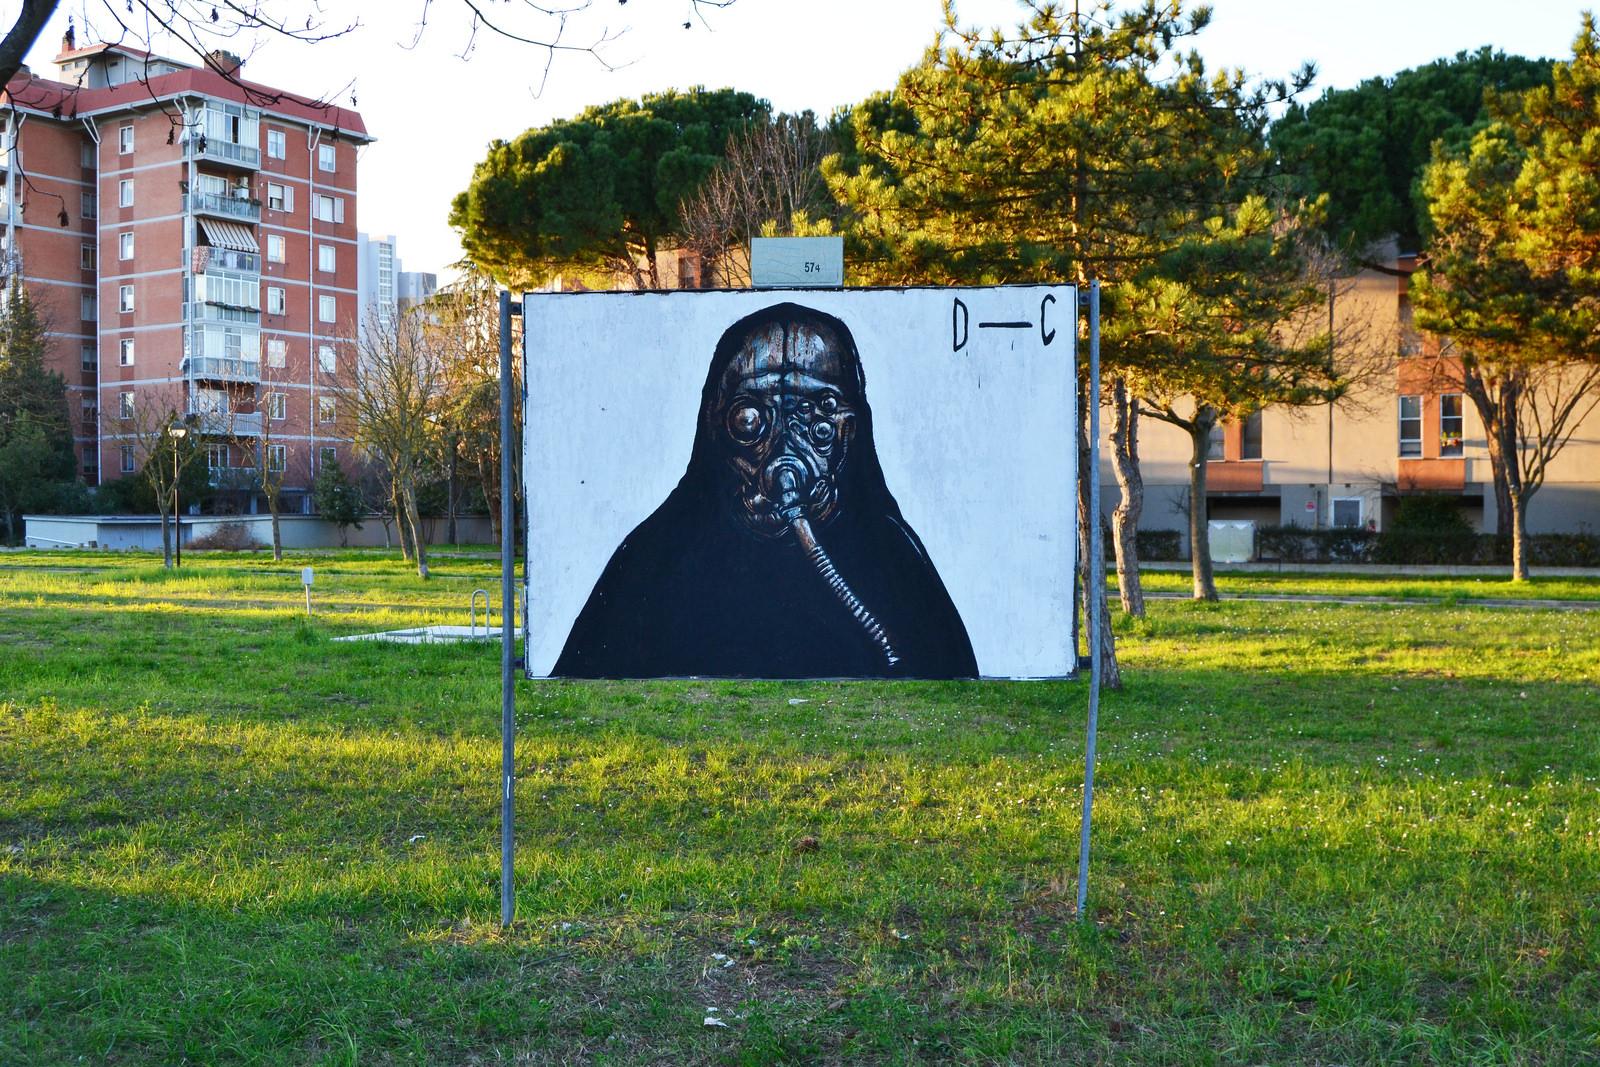 dissensocognitivo-new-mural-near-ravenna-part2-01